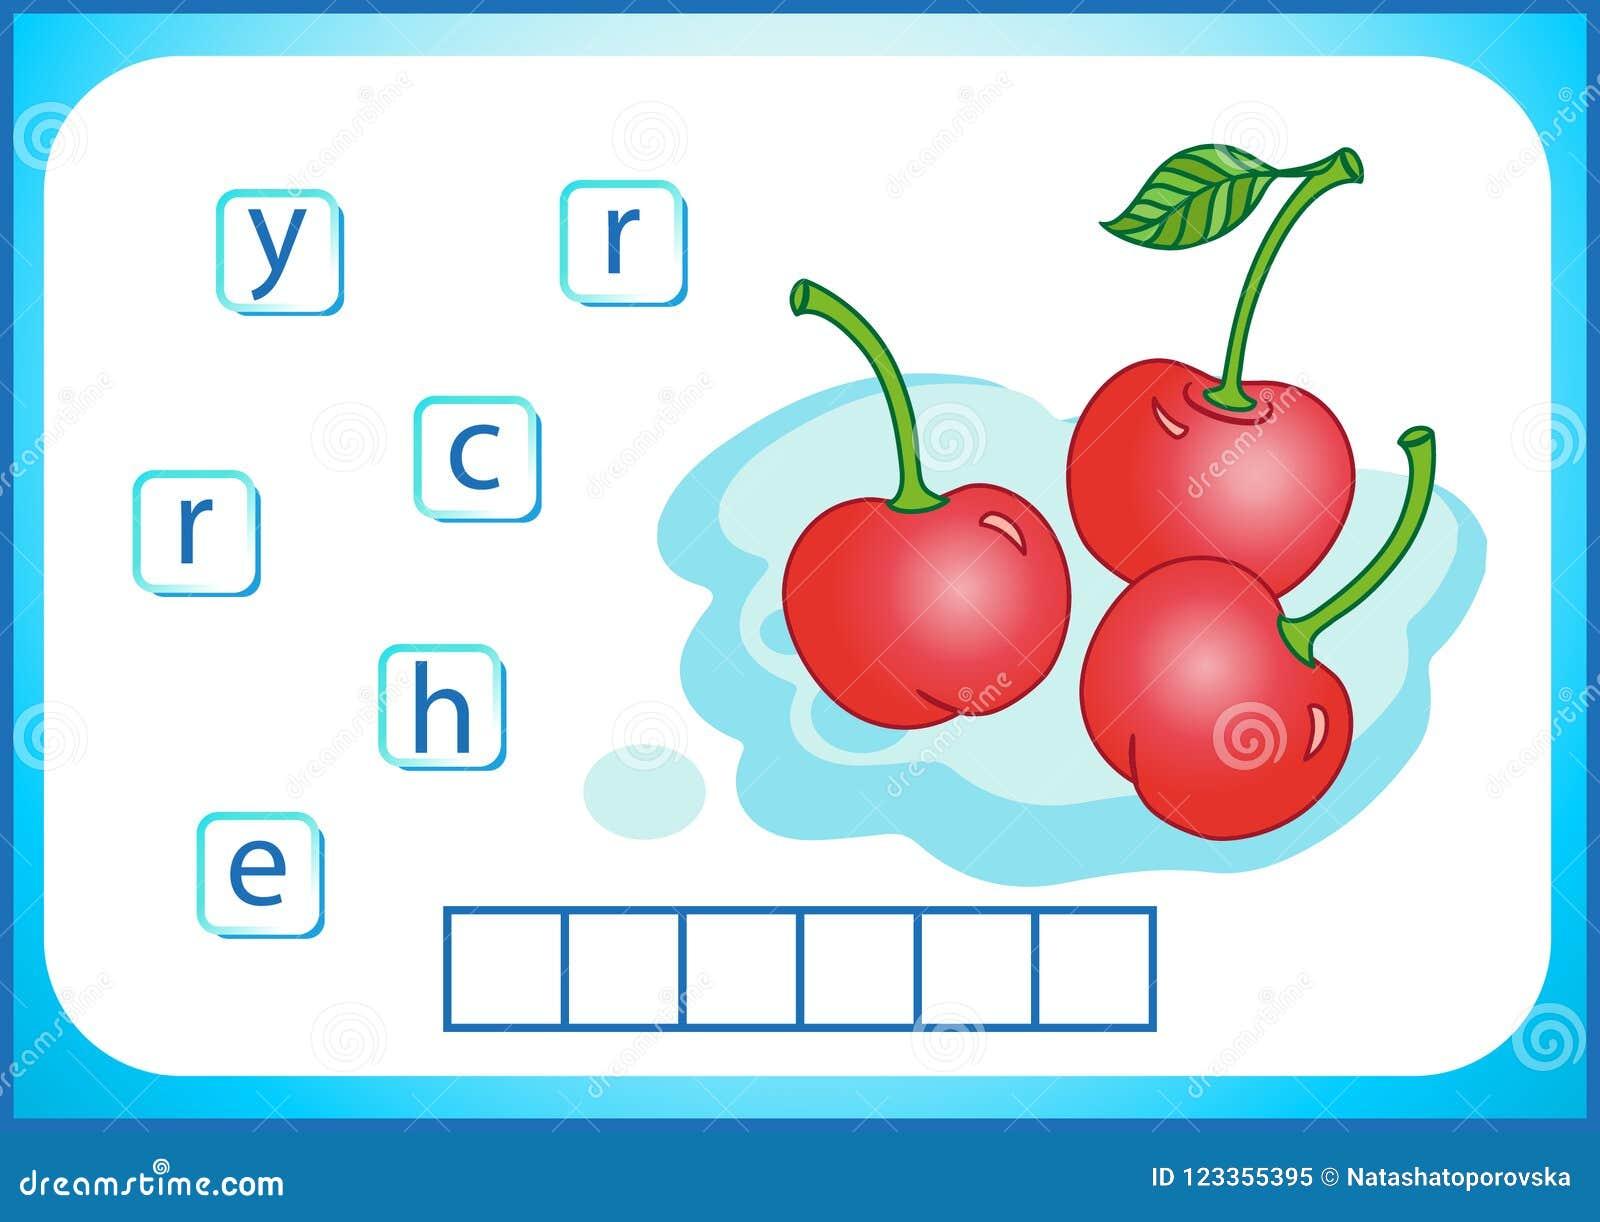 学校教育 学会的英语英国flashcard 我们写蔬菜和水果的名字 词是一场难题比赛为